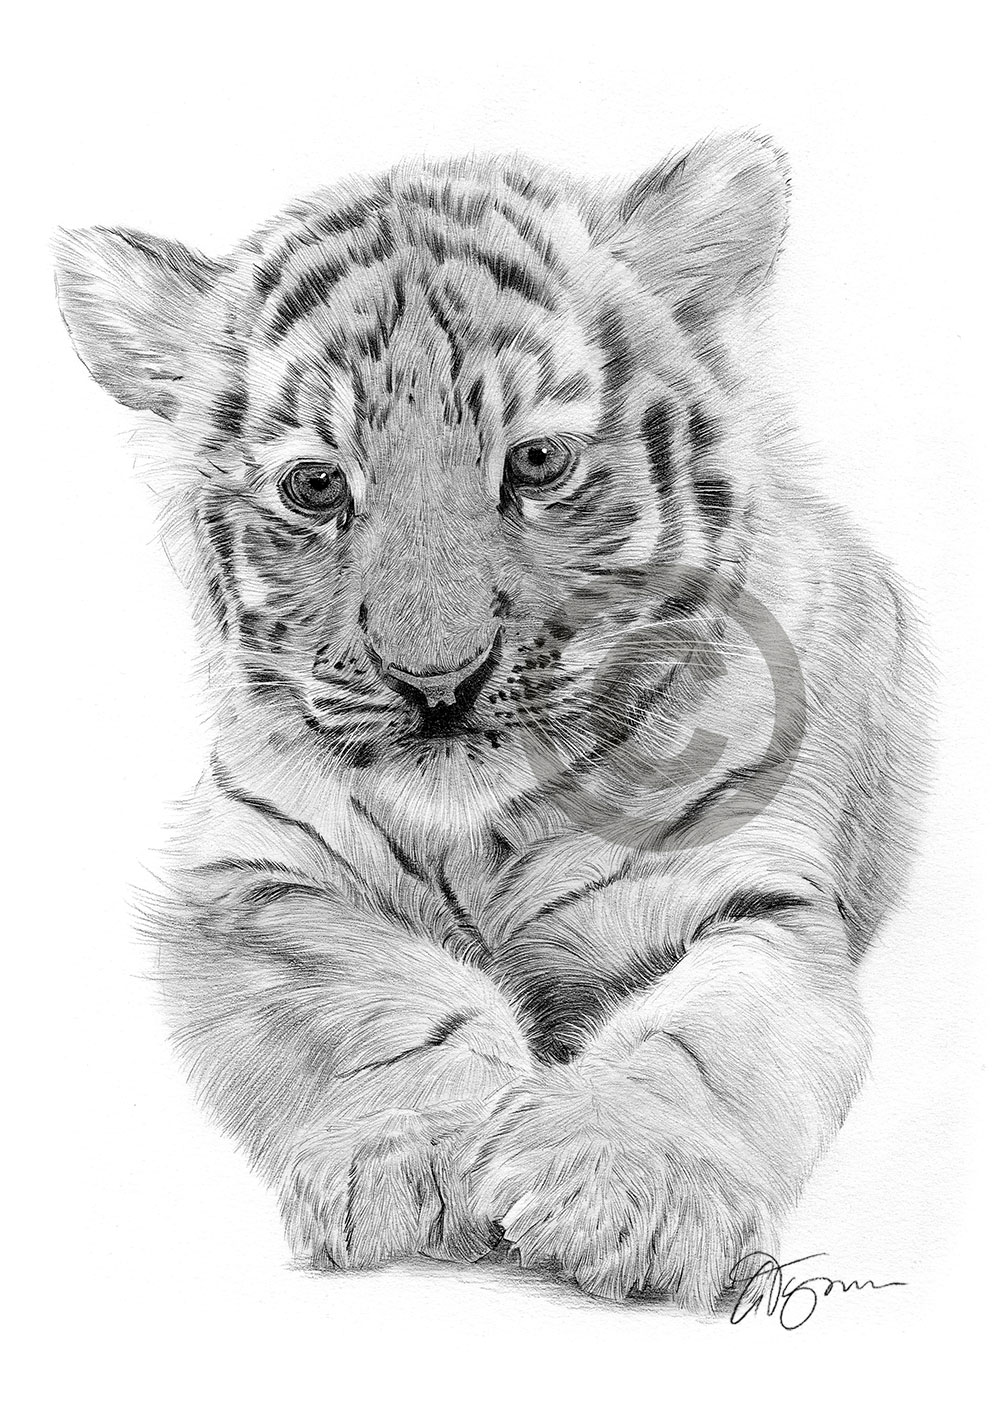 BENGAL TIGER CUB pencil drawing art print A3 / A4 sizes ...